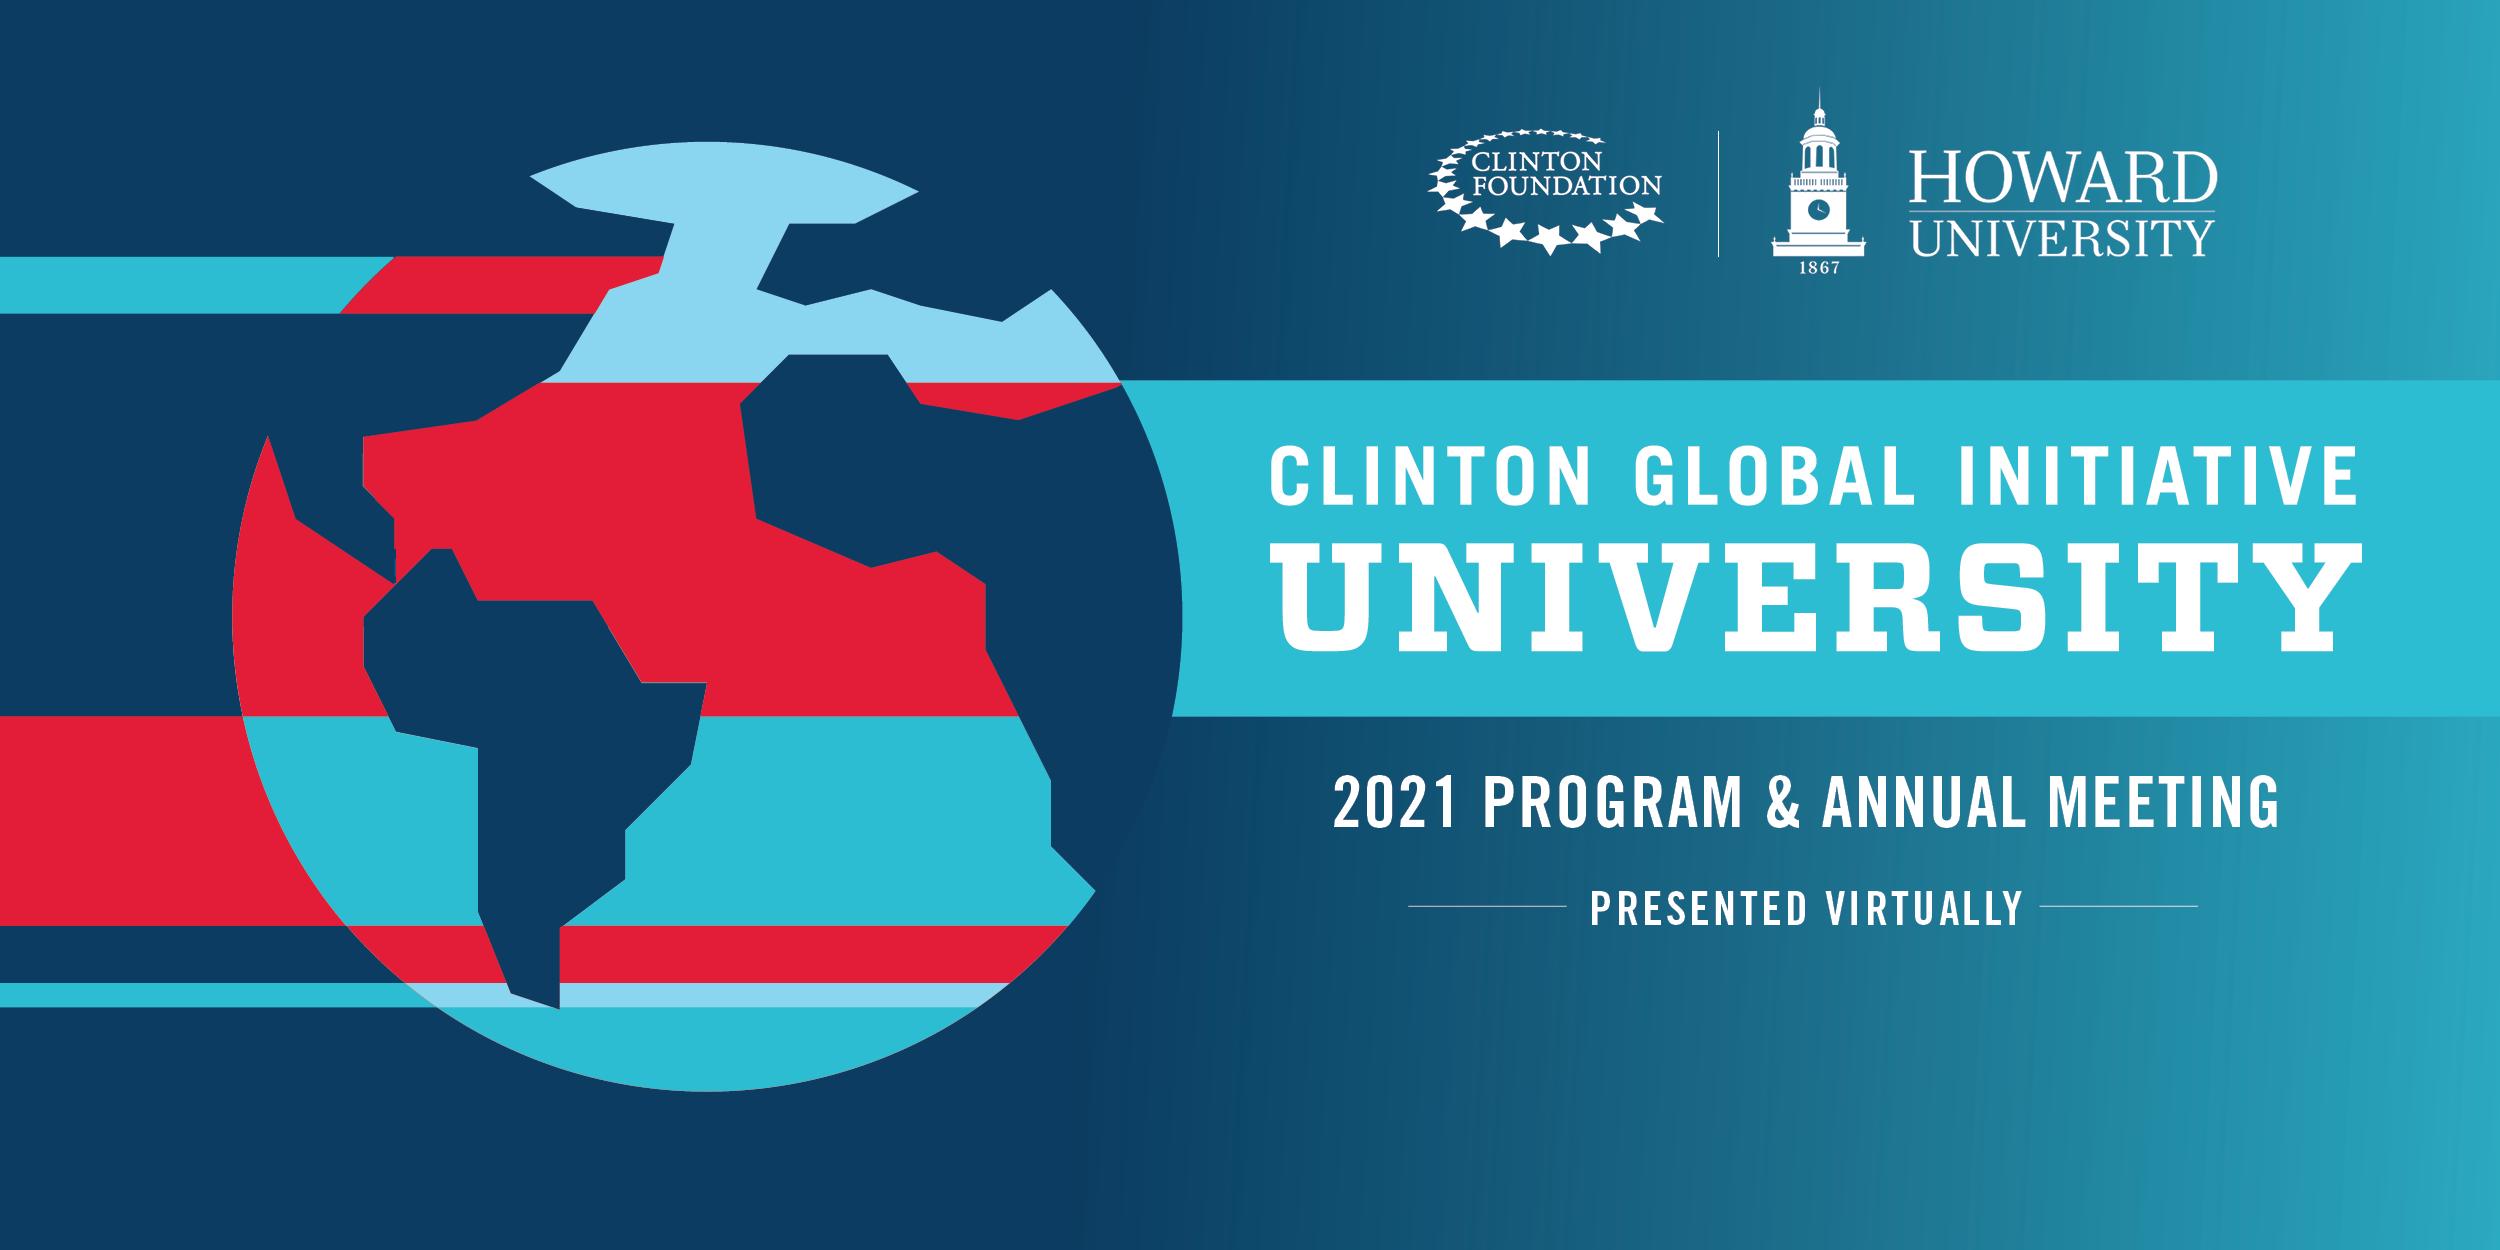 Die Clinton Global Initiative University sucht Social Entrepreneurs